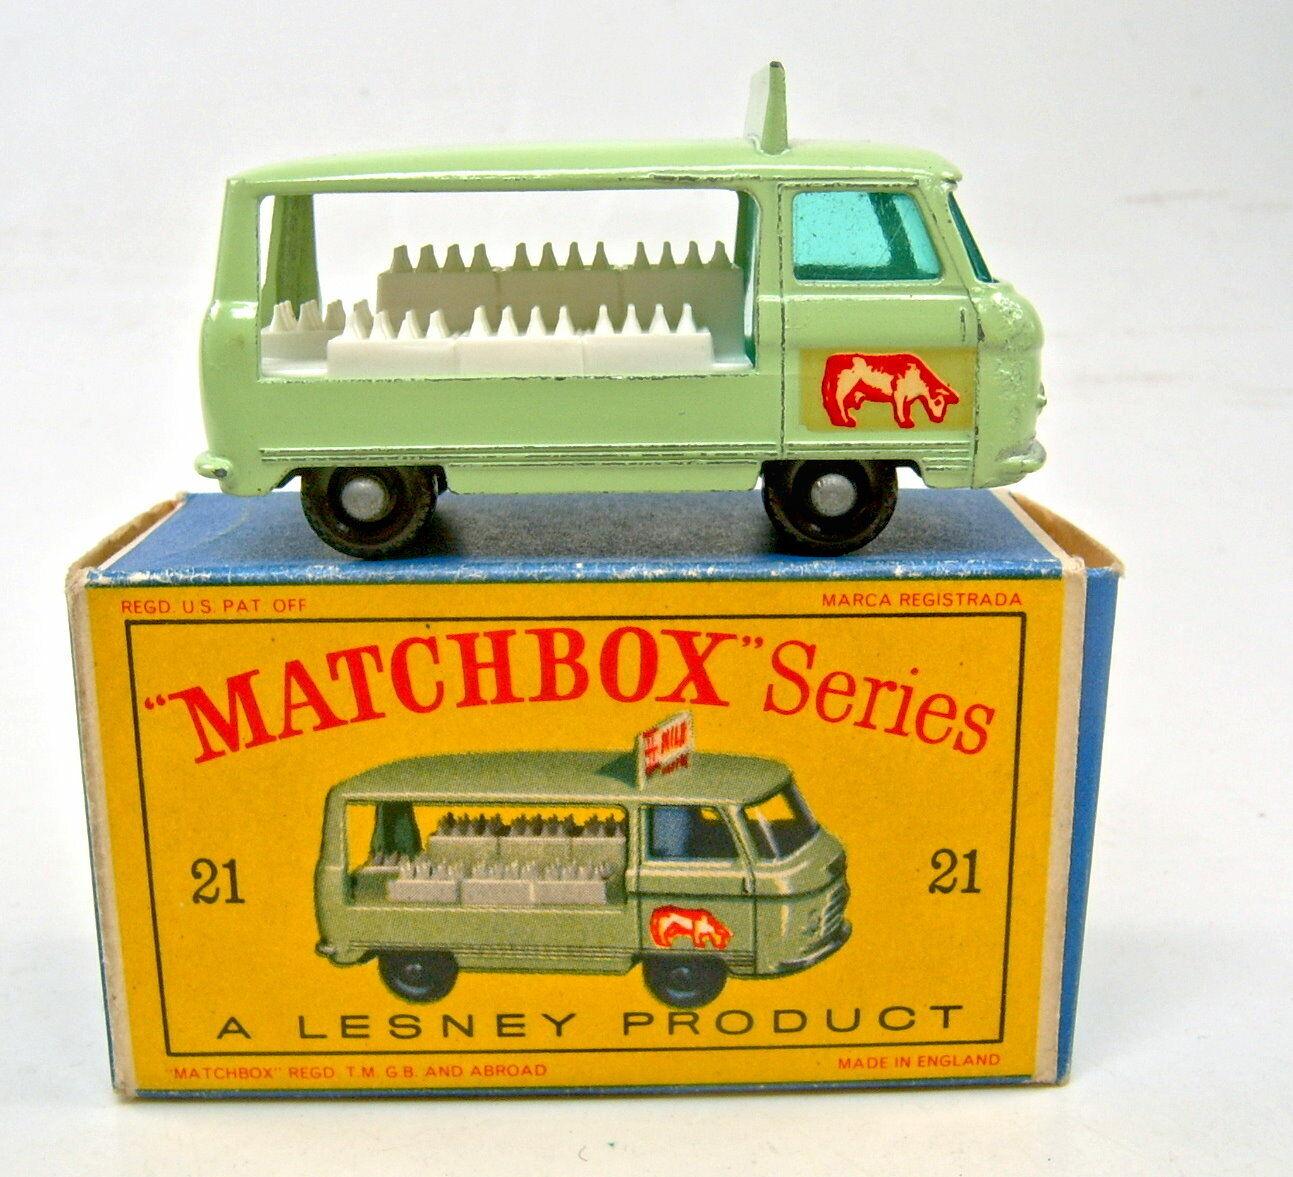 comprar nuevo barato Matchbox Matchbox Matchbox RW 21c Milk float negra ruedas mediana años 24 perfil en  d  box  compra limitada